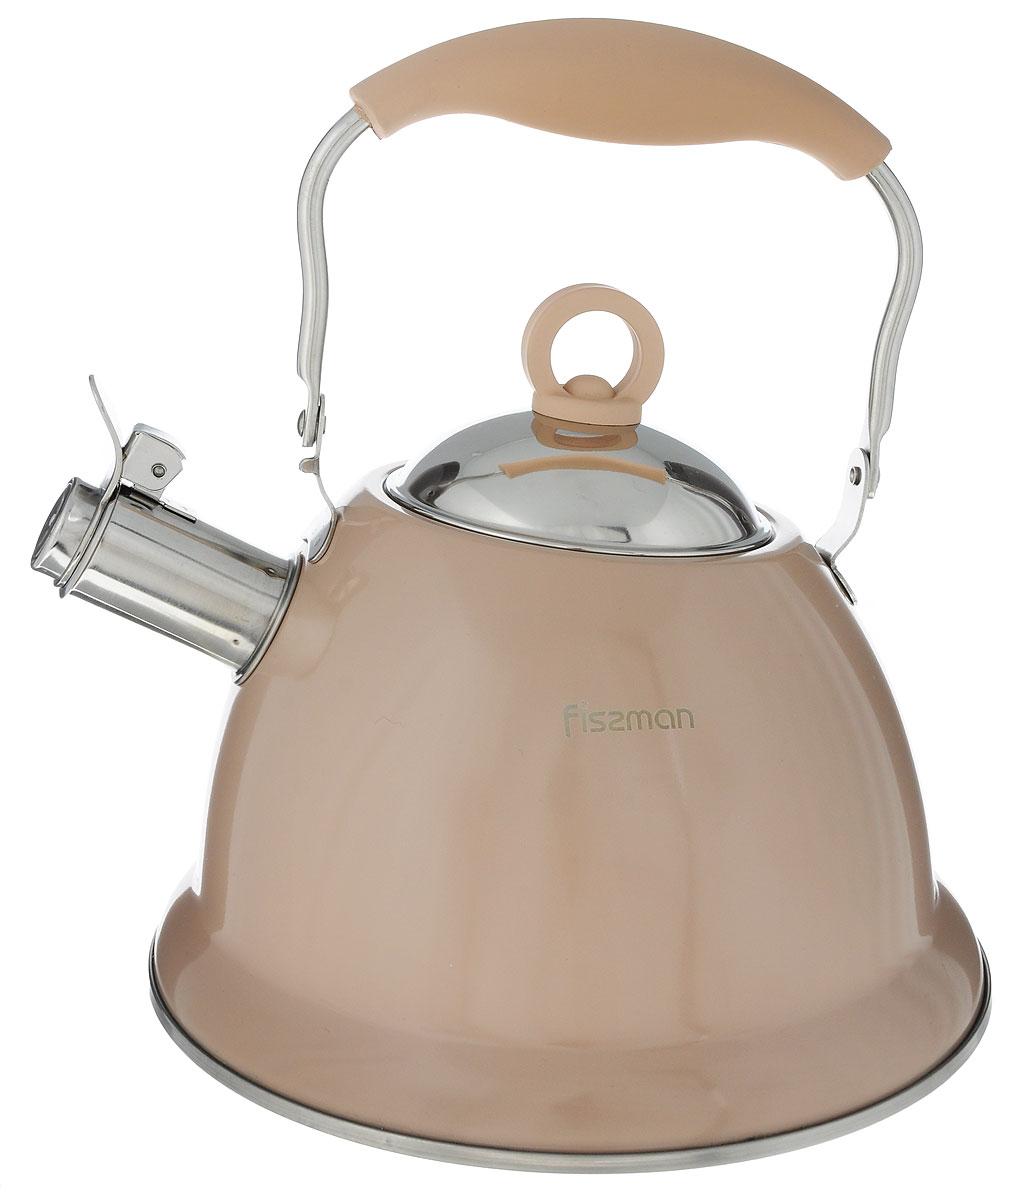 Чайник Fissman Florence, со свистком, цвет: кофейный, 2,6 лFS-91909Чайник Fissman Florence изготовлен из высококачественной нержавеющей стали 18/10. Нержавеющая сталь обладает высокой устойчивостью к коррозии, не вступает в реакцию с холодными и горячими продуктами и полностью сохраняет их вкусовые качества. Особая конструкция капсулированного дна способствует высокой теплопроводности и равномерному распределению тепла. Чайник оснащен удобной ручкой с силиконовым покрытием. Носик чайника имеет откидной свисток, звуковой сигнал которого подскажет, когда закипит вода.Благодаря чайнику Fissman Florence, вы будете постоянно ощущать тепло и уют на вашей кухне.Подходит длягазовых, электрических, стеклокерамических, индукционных плит. Можно мыть в посудомоечной машине. Диаметр чайника (по верхнему краю): 9,5 см. Высота чайника (без учета крышки и ручки): 13 см. Высота чайника (с учетом ручки): 25,5 см. Диаметр индукционного диска: 18,5 см.